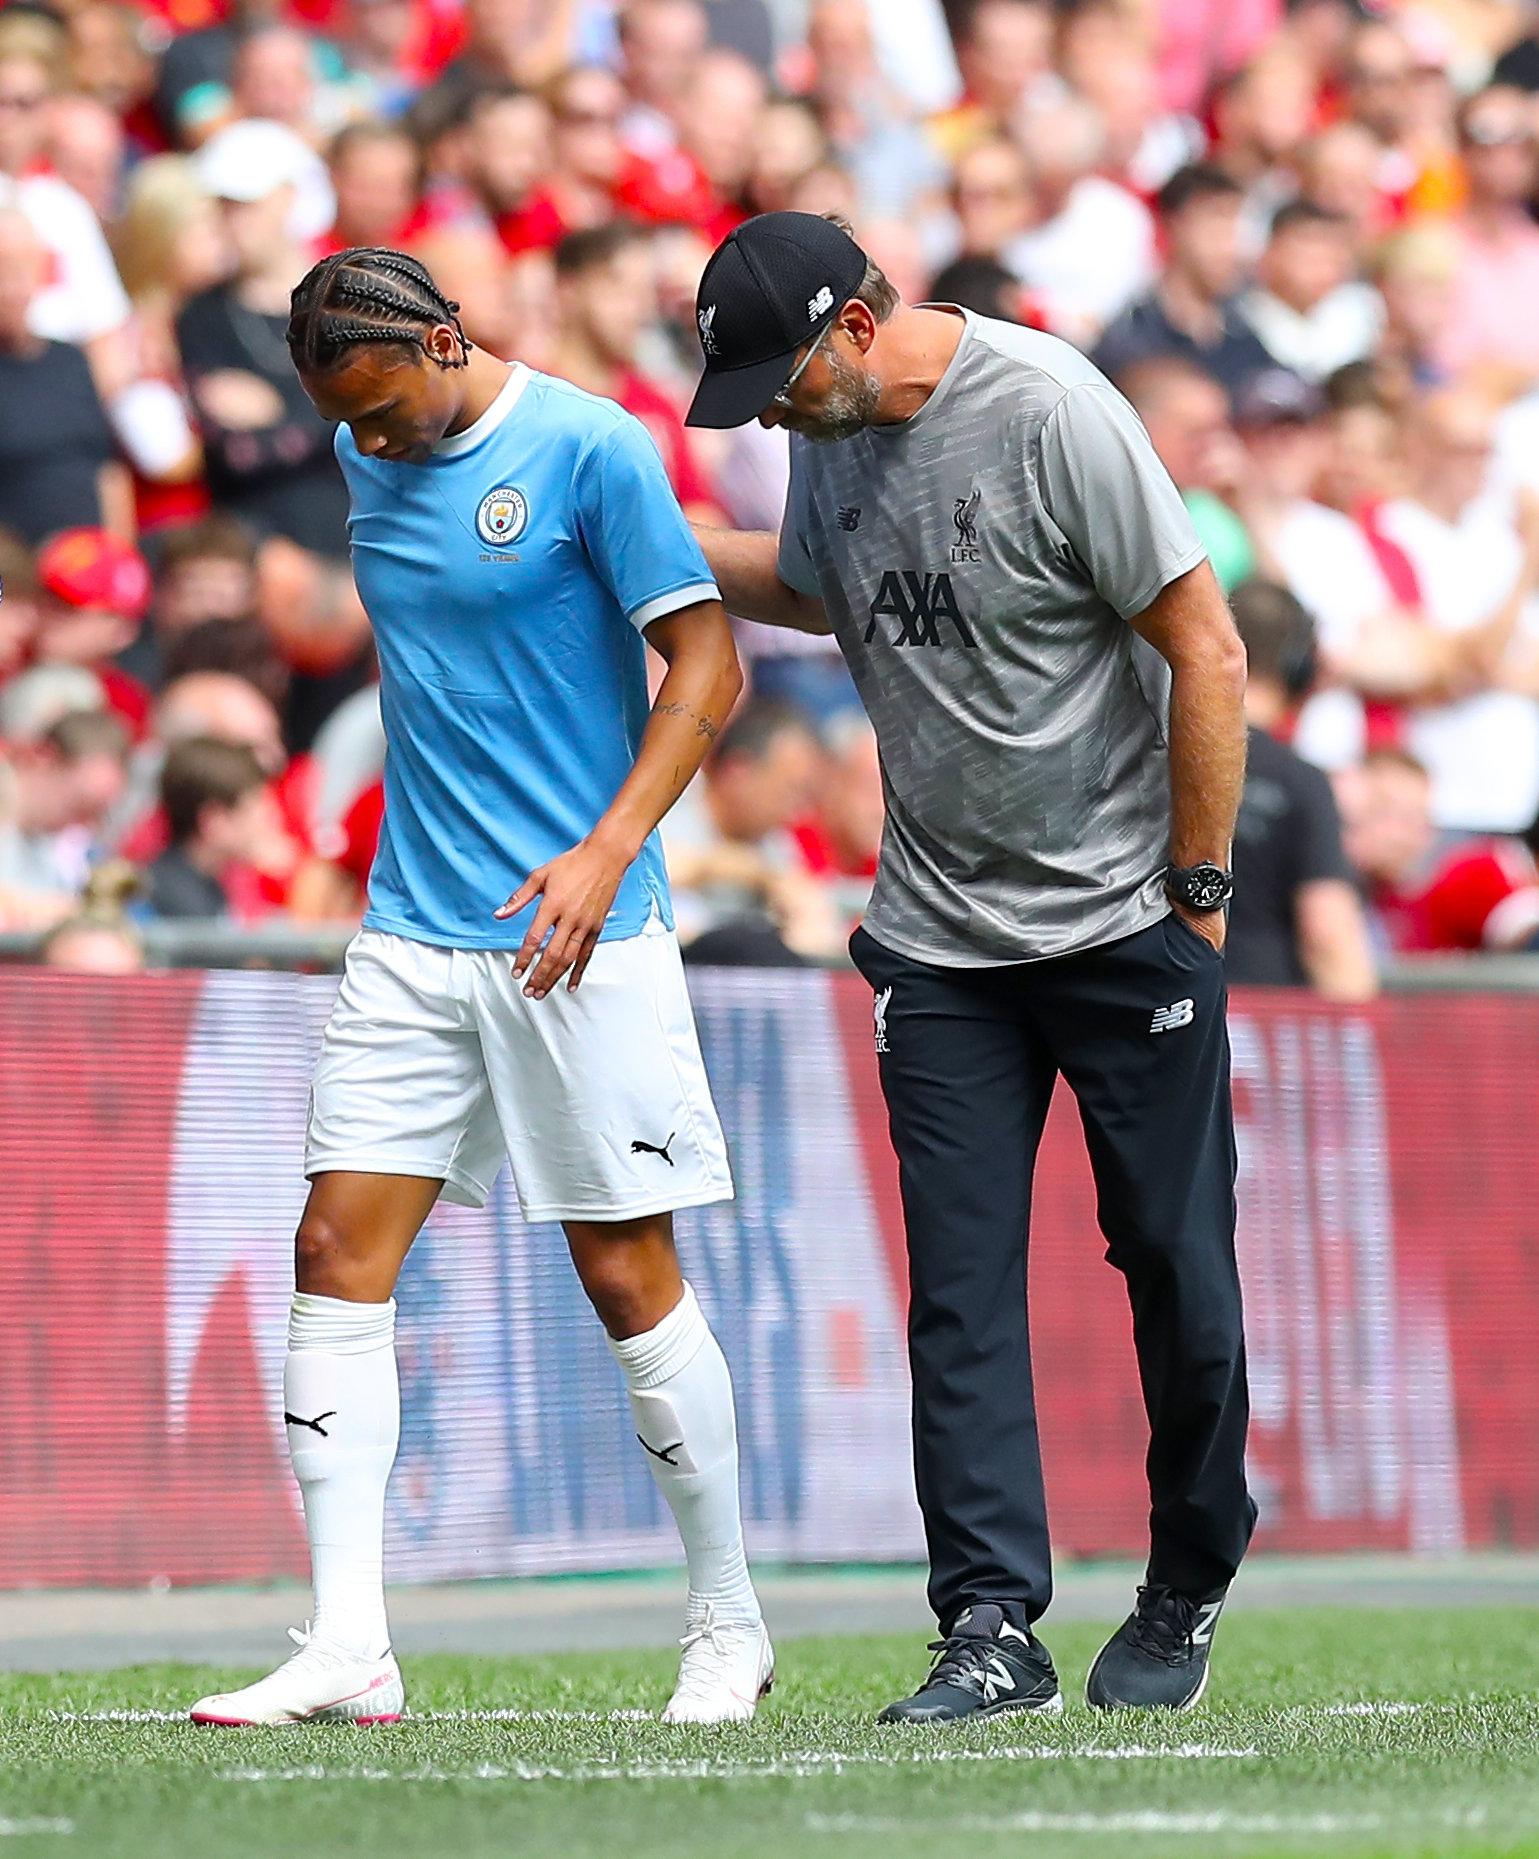 Auch Jürgen Klopp erkundigte sich nach der Verletzung Leroy Sanés um das Befinden des Nationalspielers. Wechselt er zum FC Bayern München?